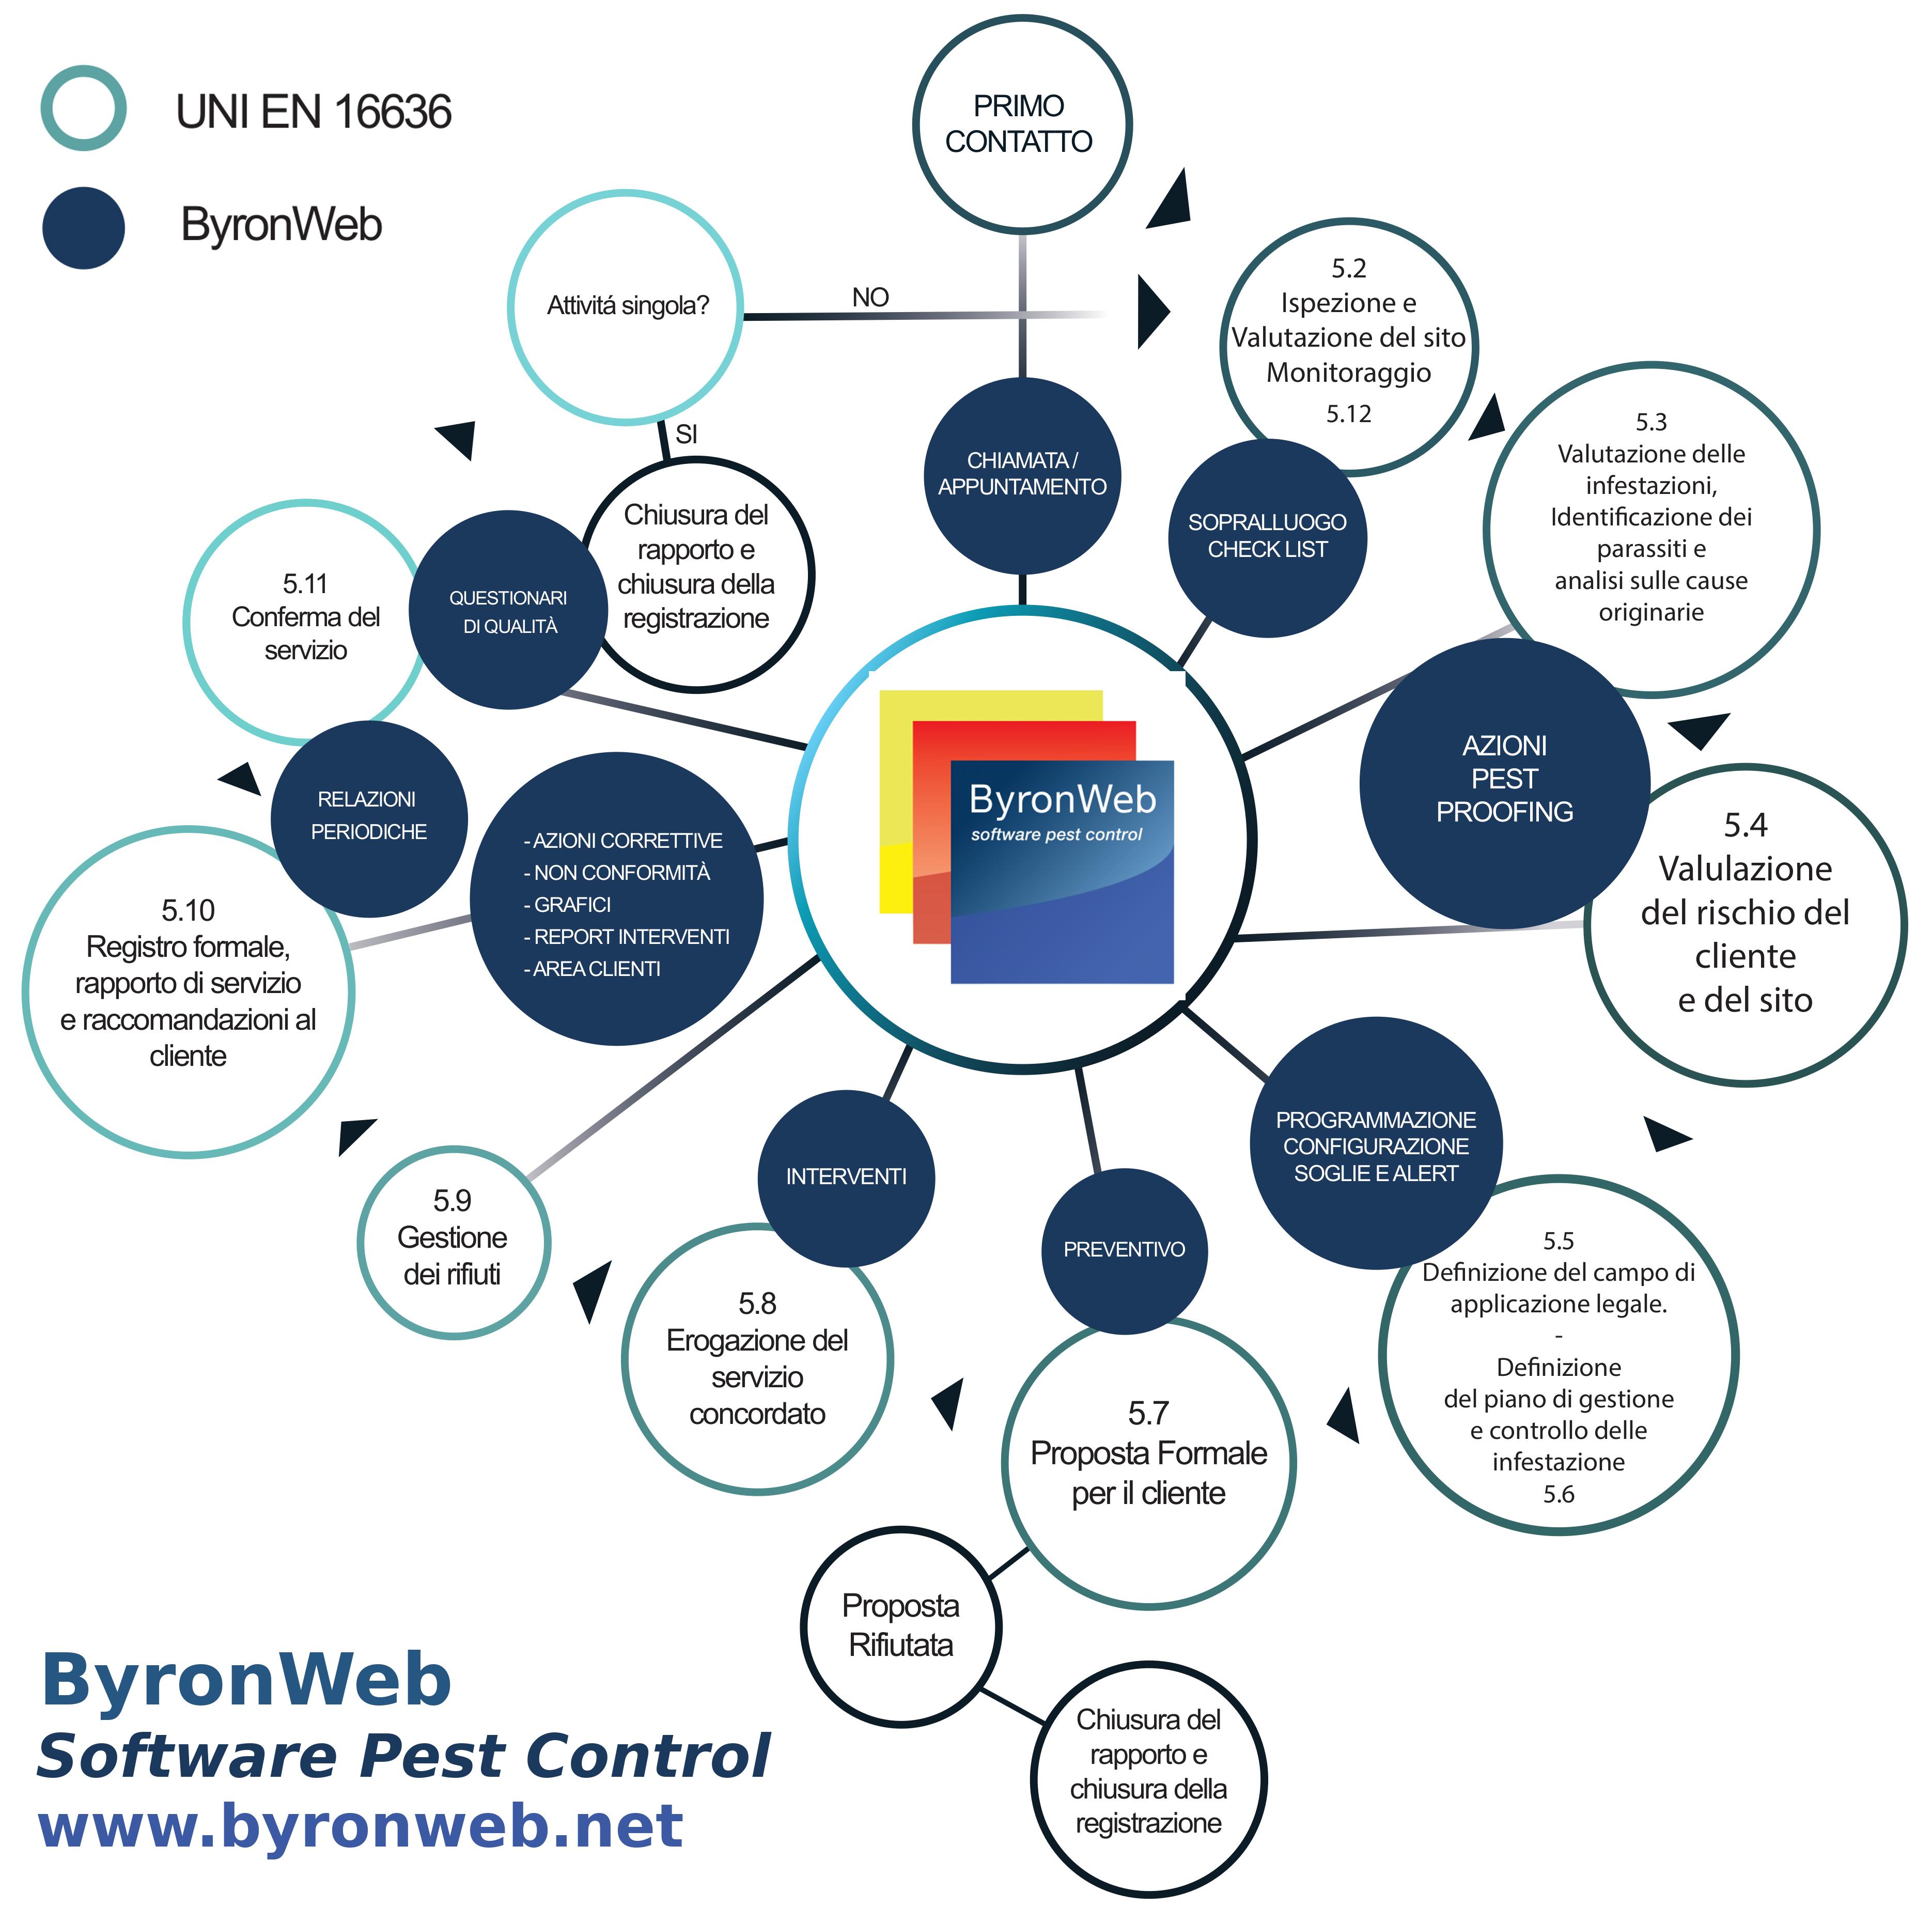 ByronWeb Software Pest Contro UNI EN 16636